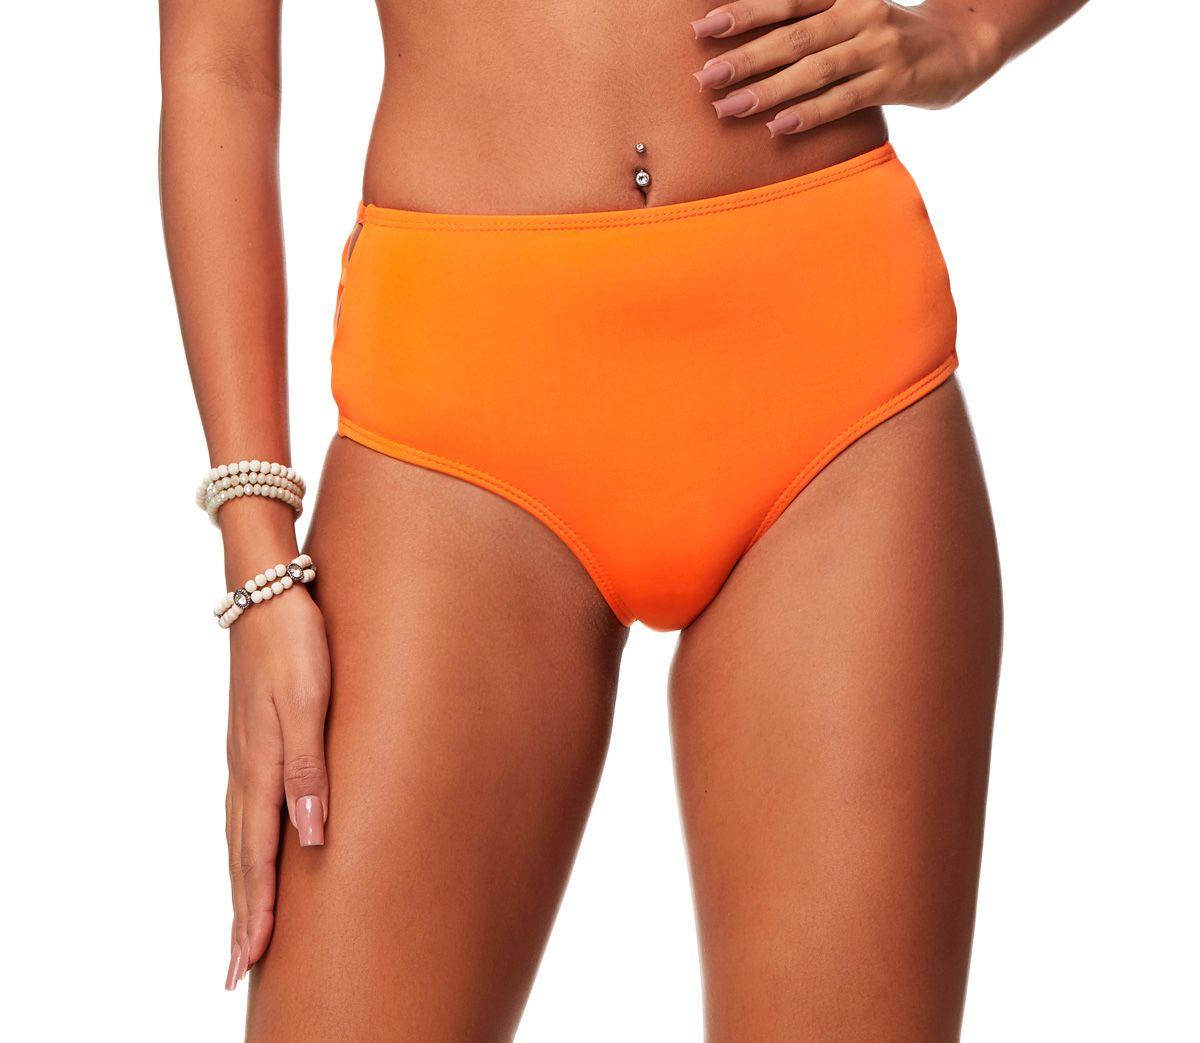 Calcinha Hot Pants Tiras Lateral Citrus